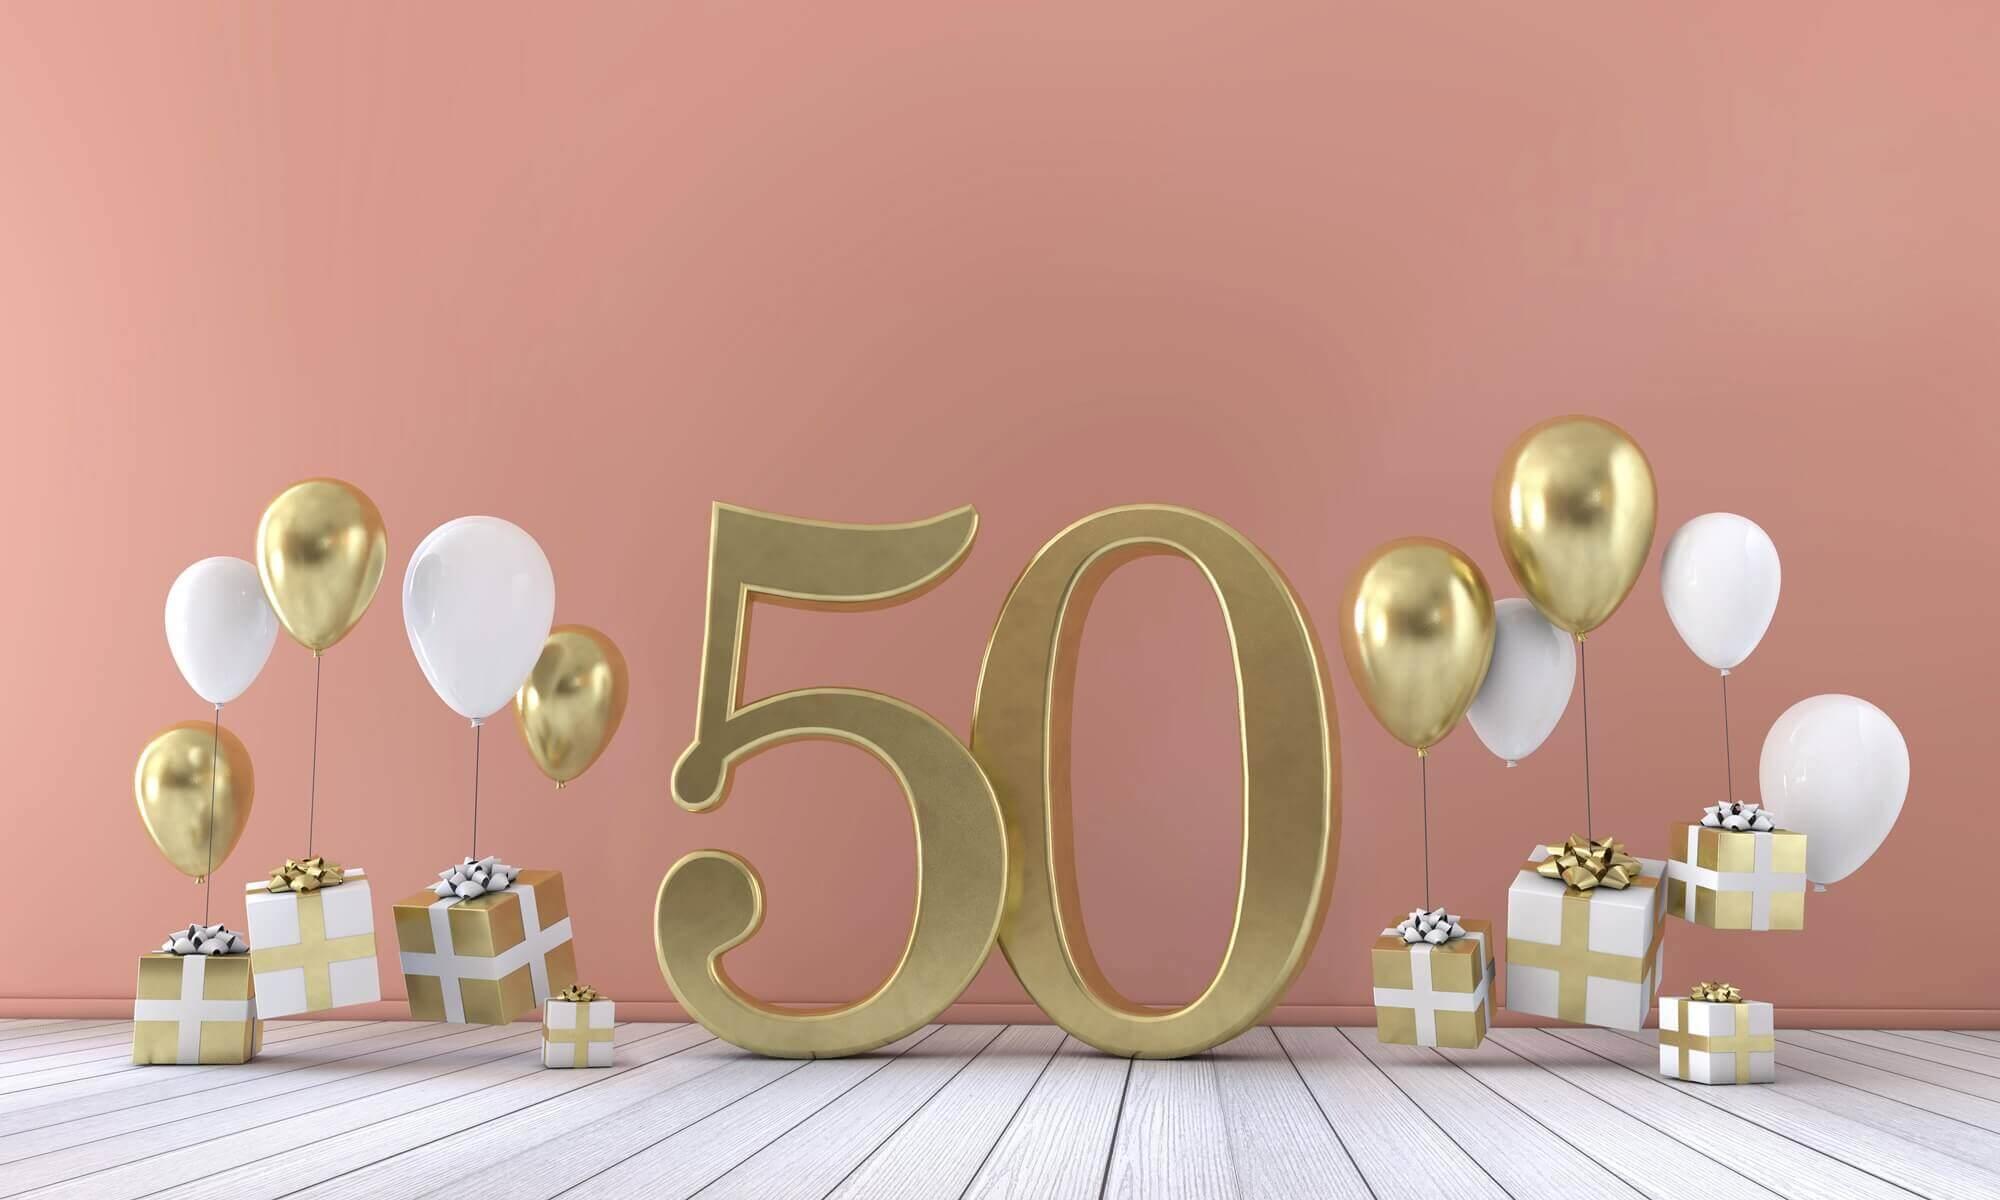 Zyczenia Na 50 Urodziny Gotowe Zyczenia Prezentmarzen Blog